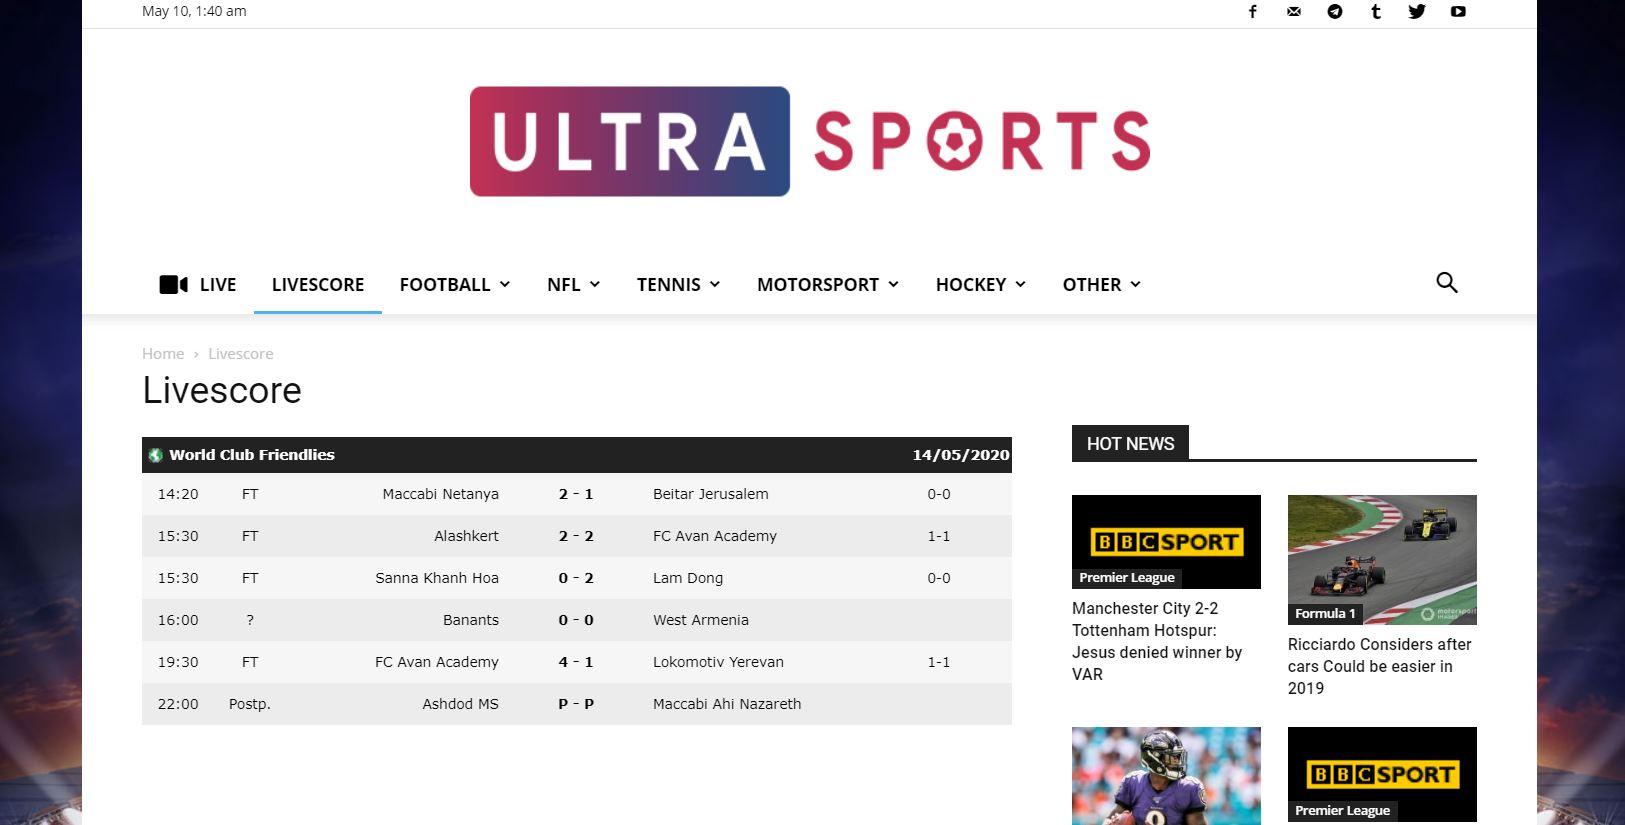 Ultrasports.TV